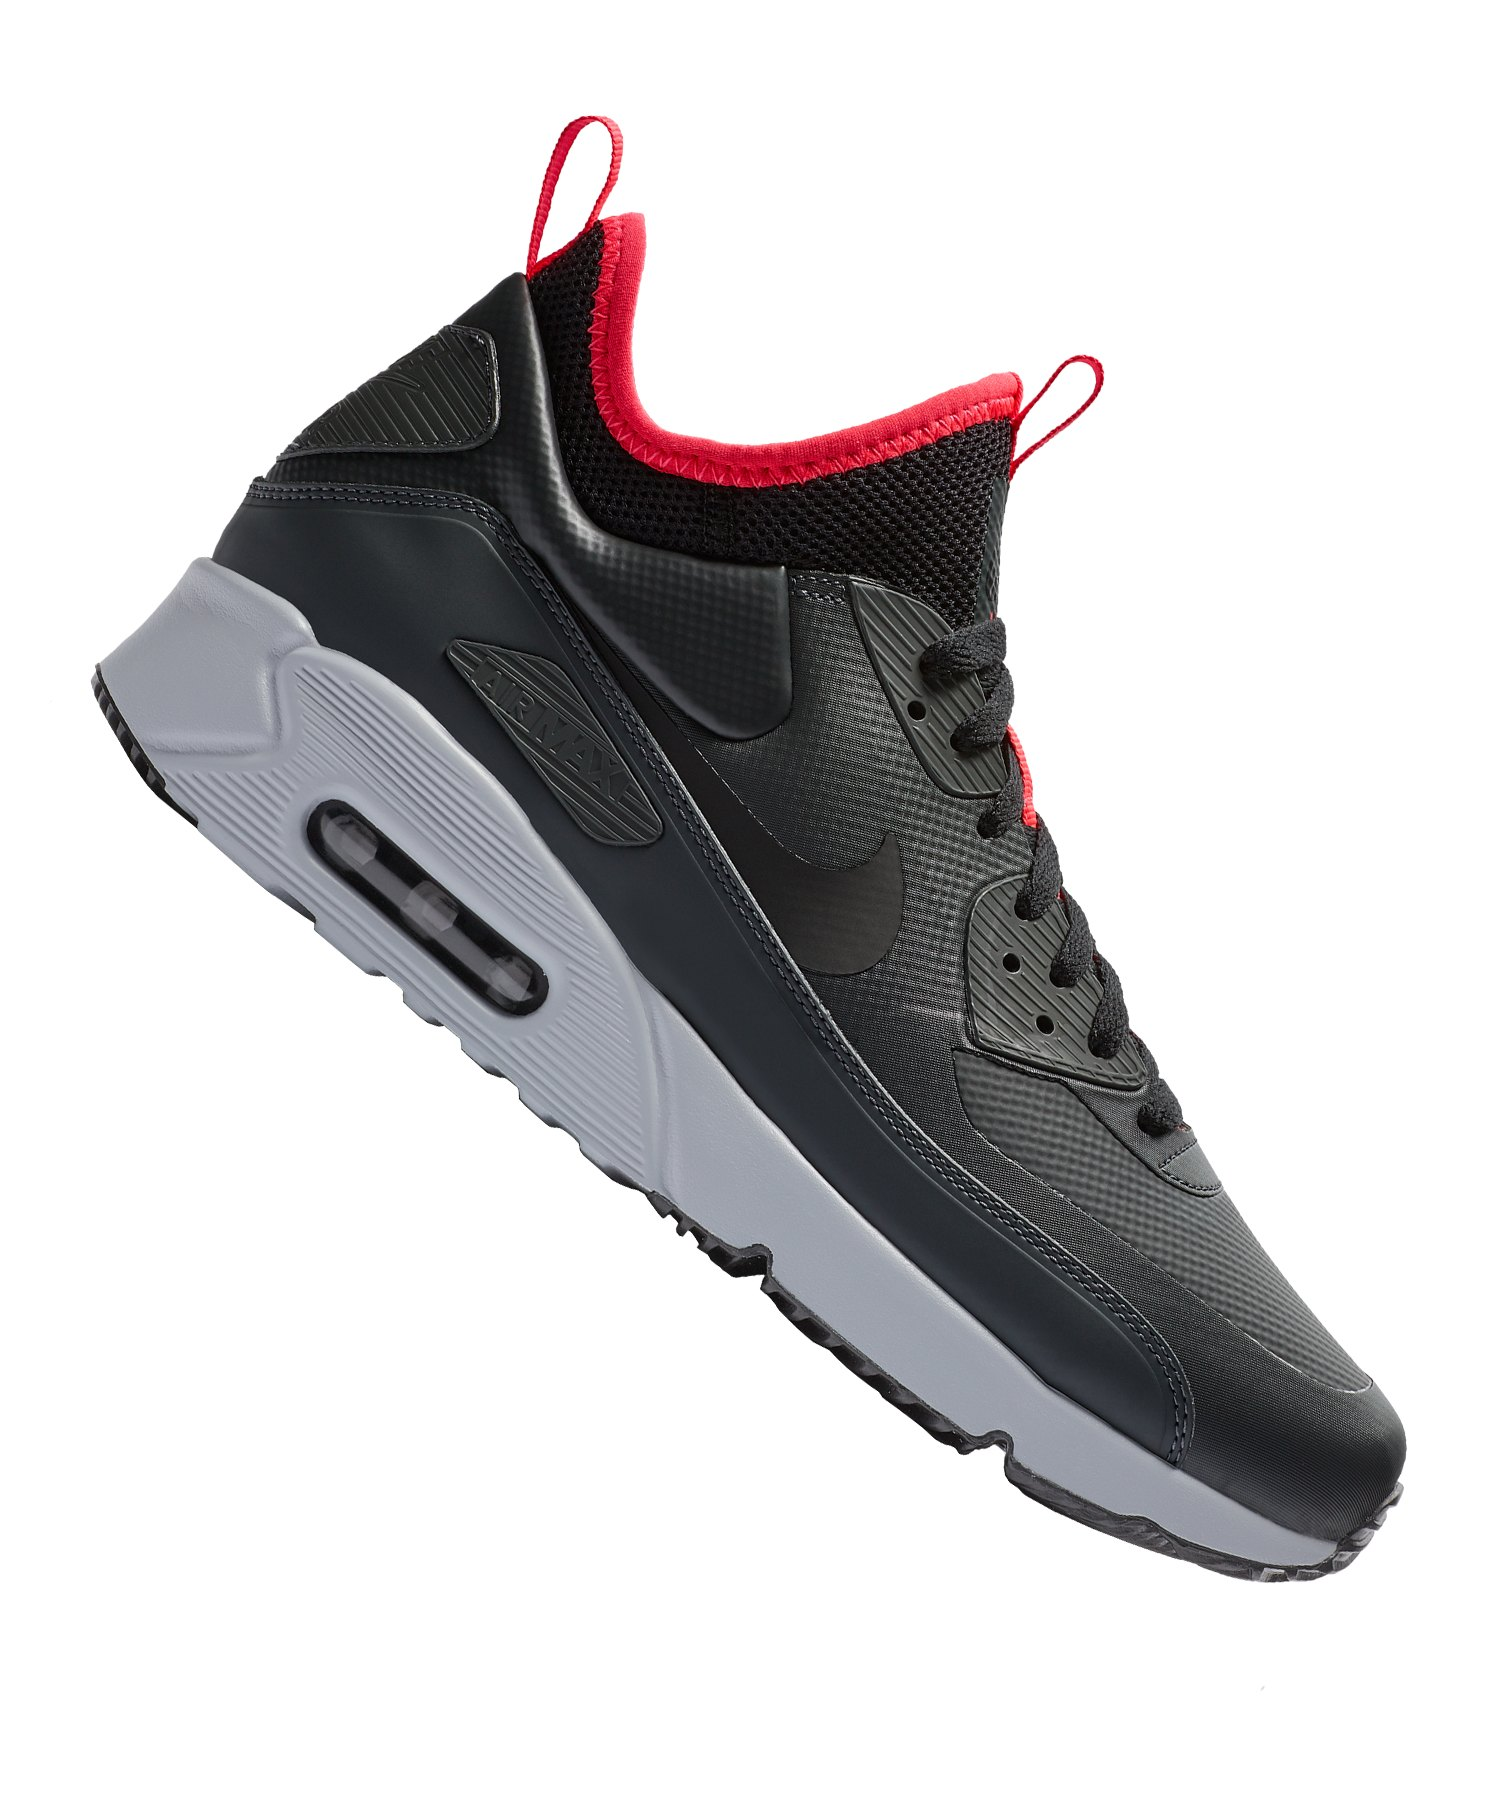 c83d375028b40 Nike Air Max 90 Ultra Mid Winter Sneaker F003 - schwarz